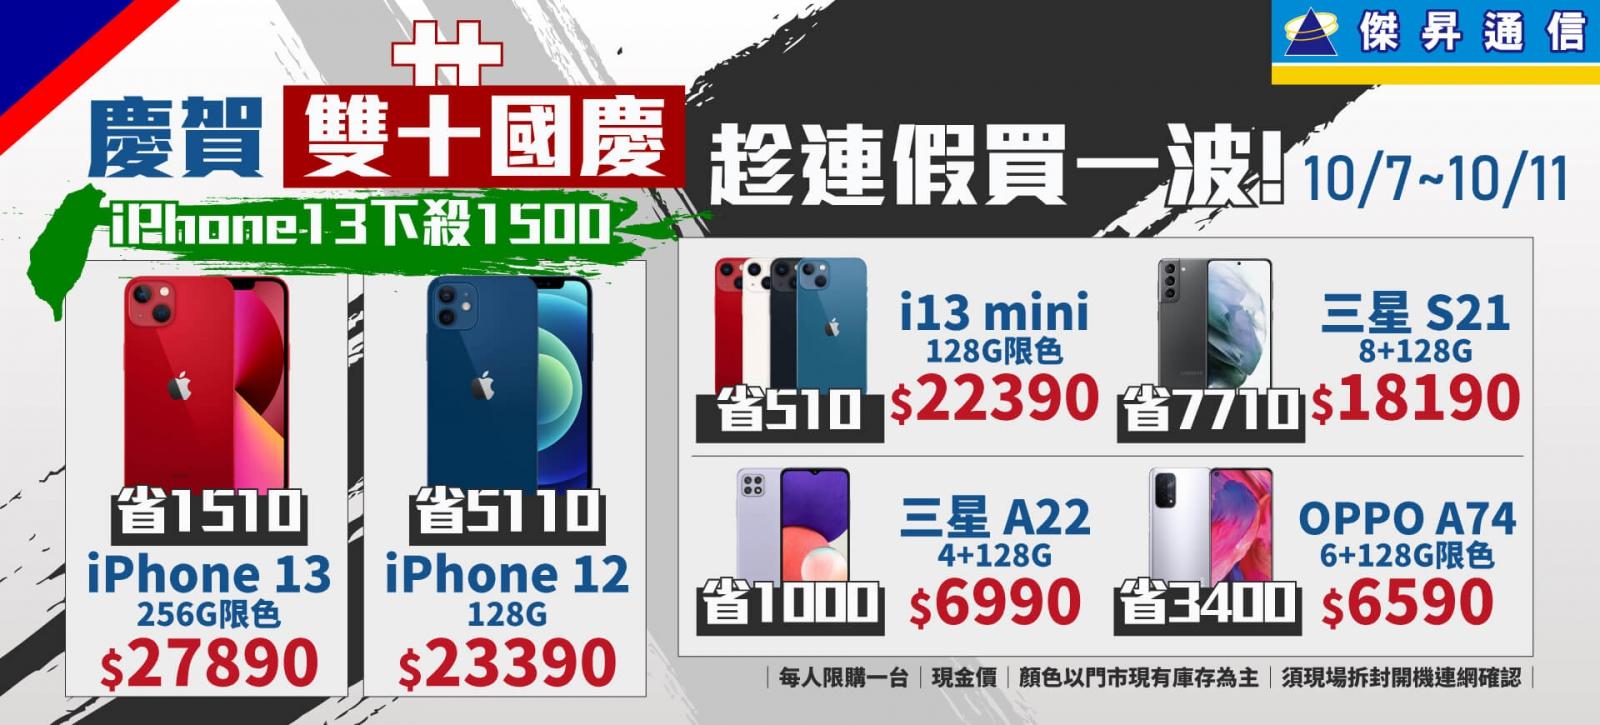 五倍券放大術 iPhone 13 256G現貨再降1千5